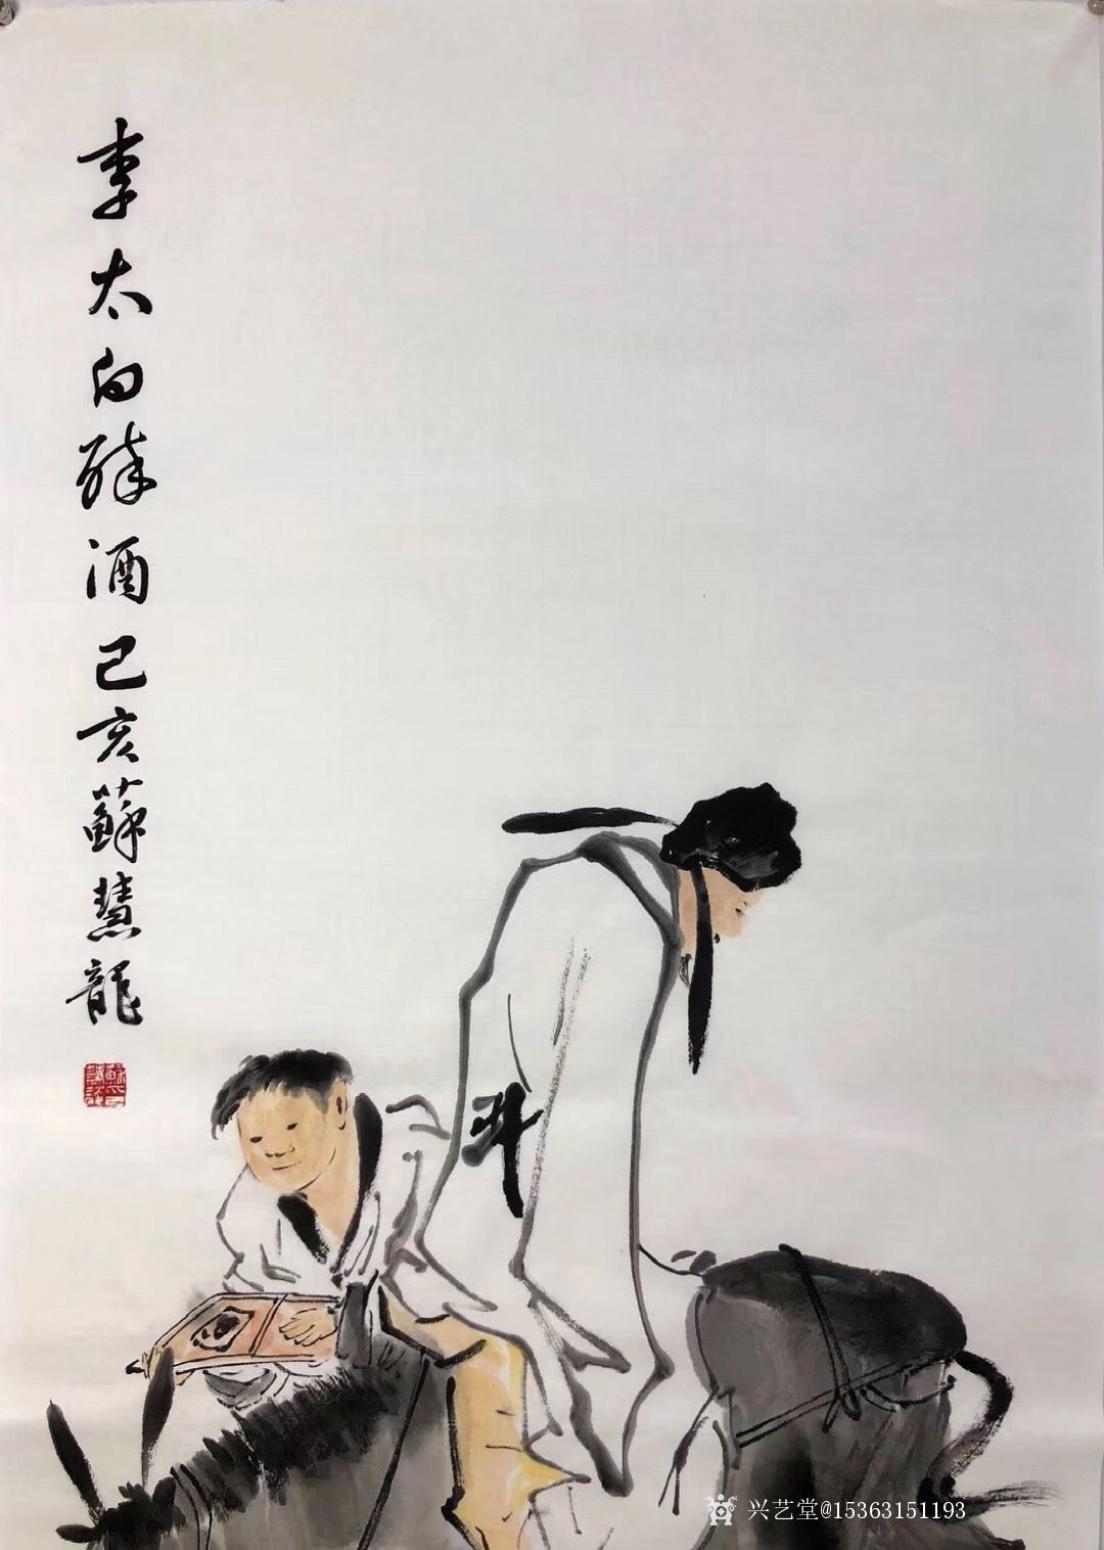 15363151193国画作品《李太白醉酒图》【图1】